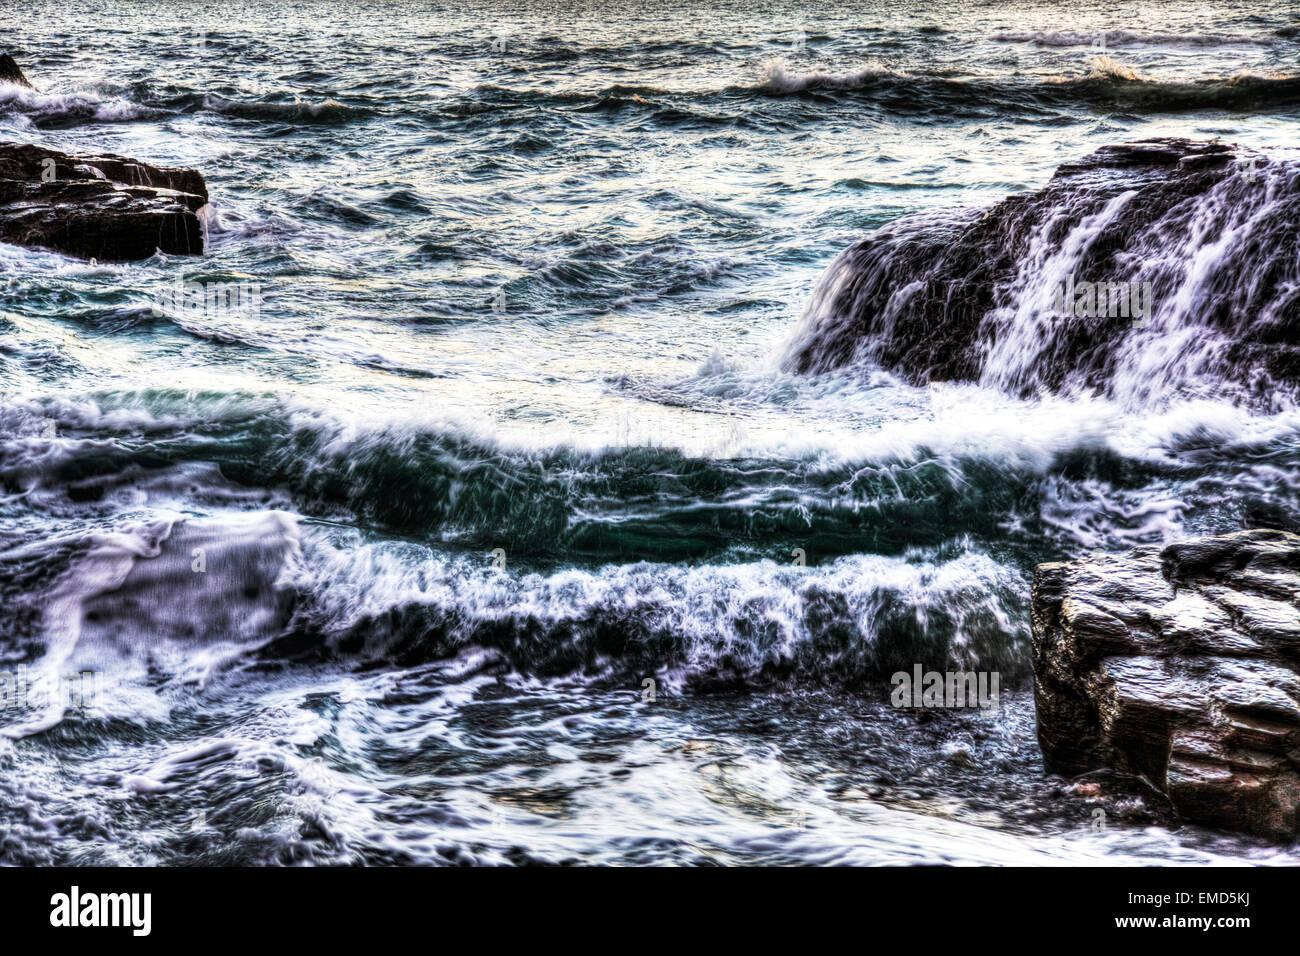 Cornwall rauer See Meer Küste Cornwalls Gezeiten Küsten Flut UK England Stockfoto